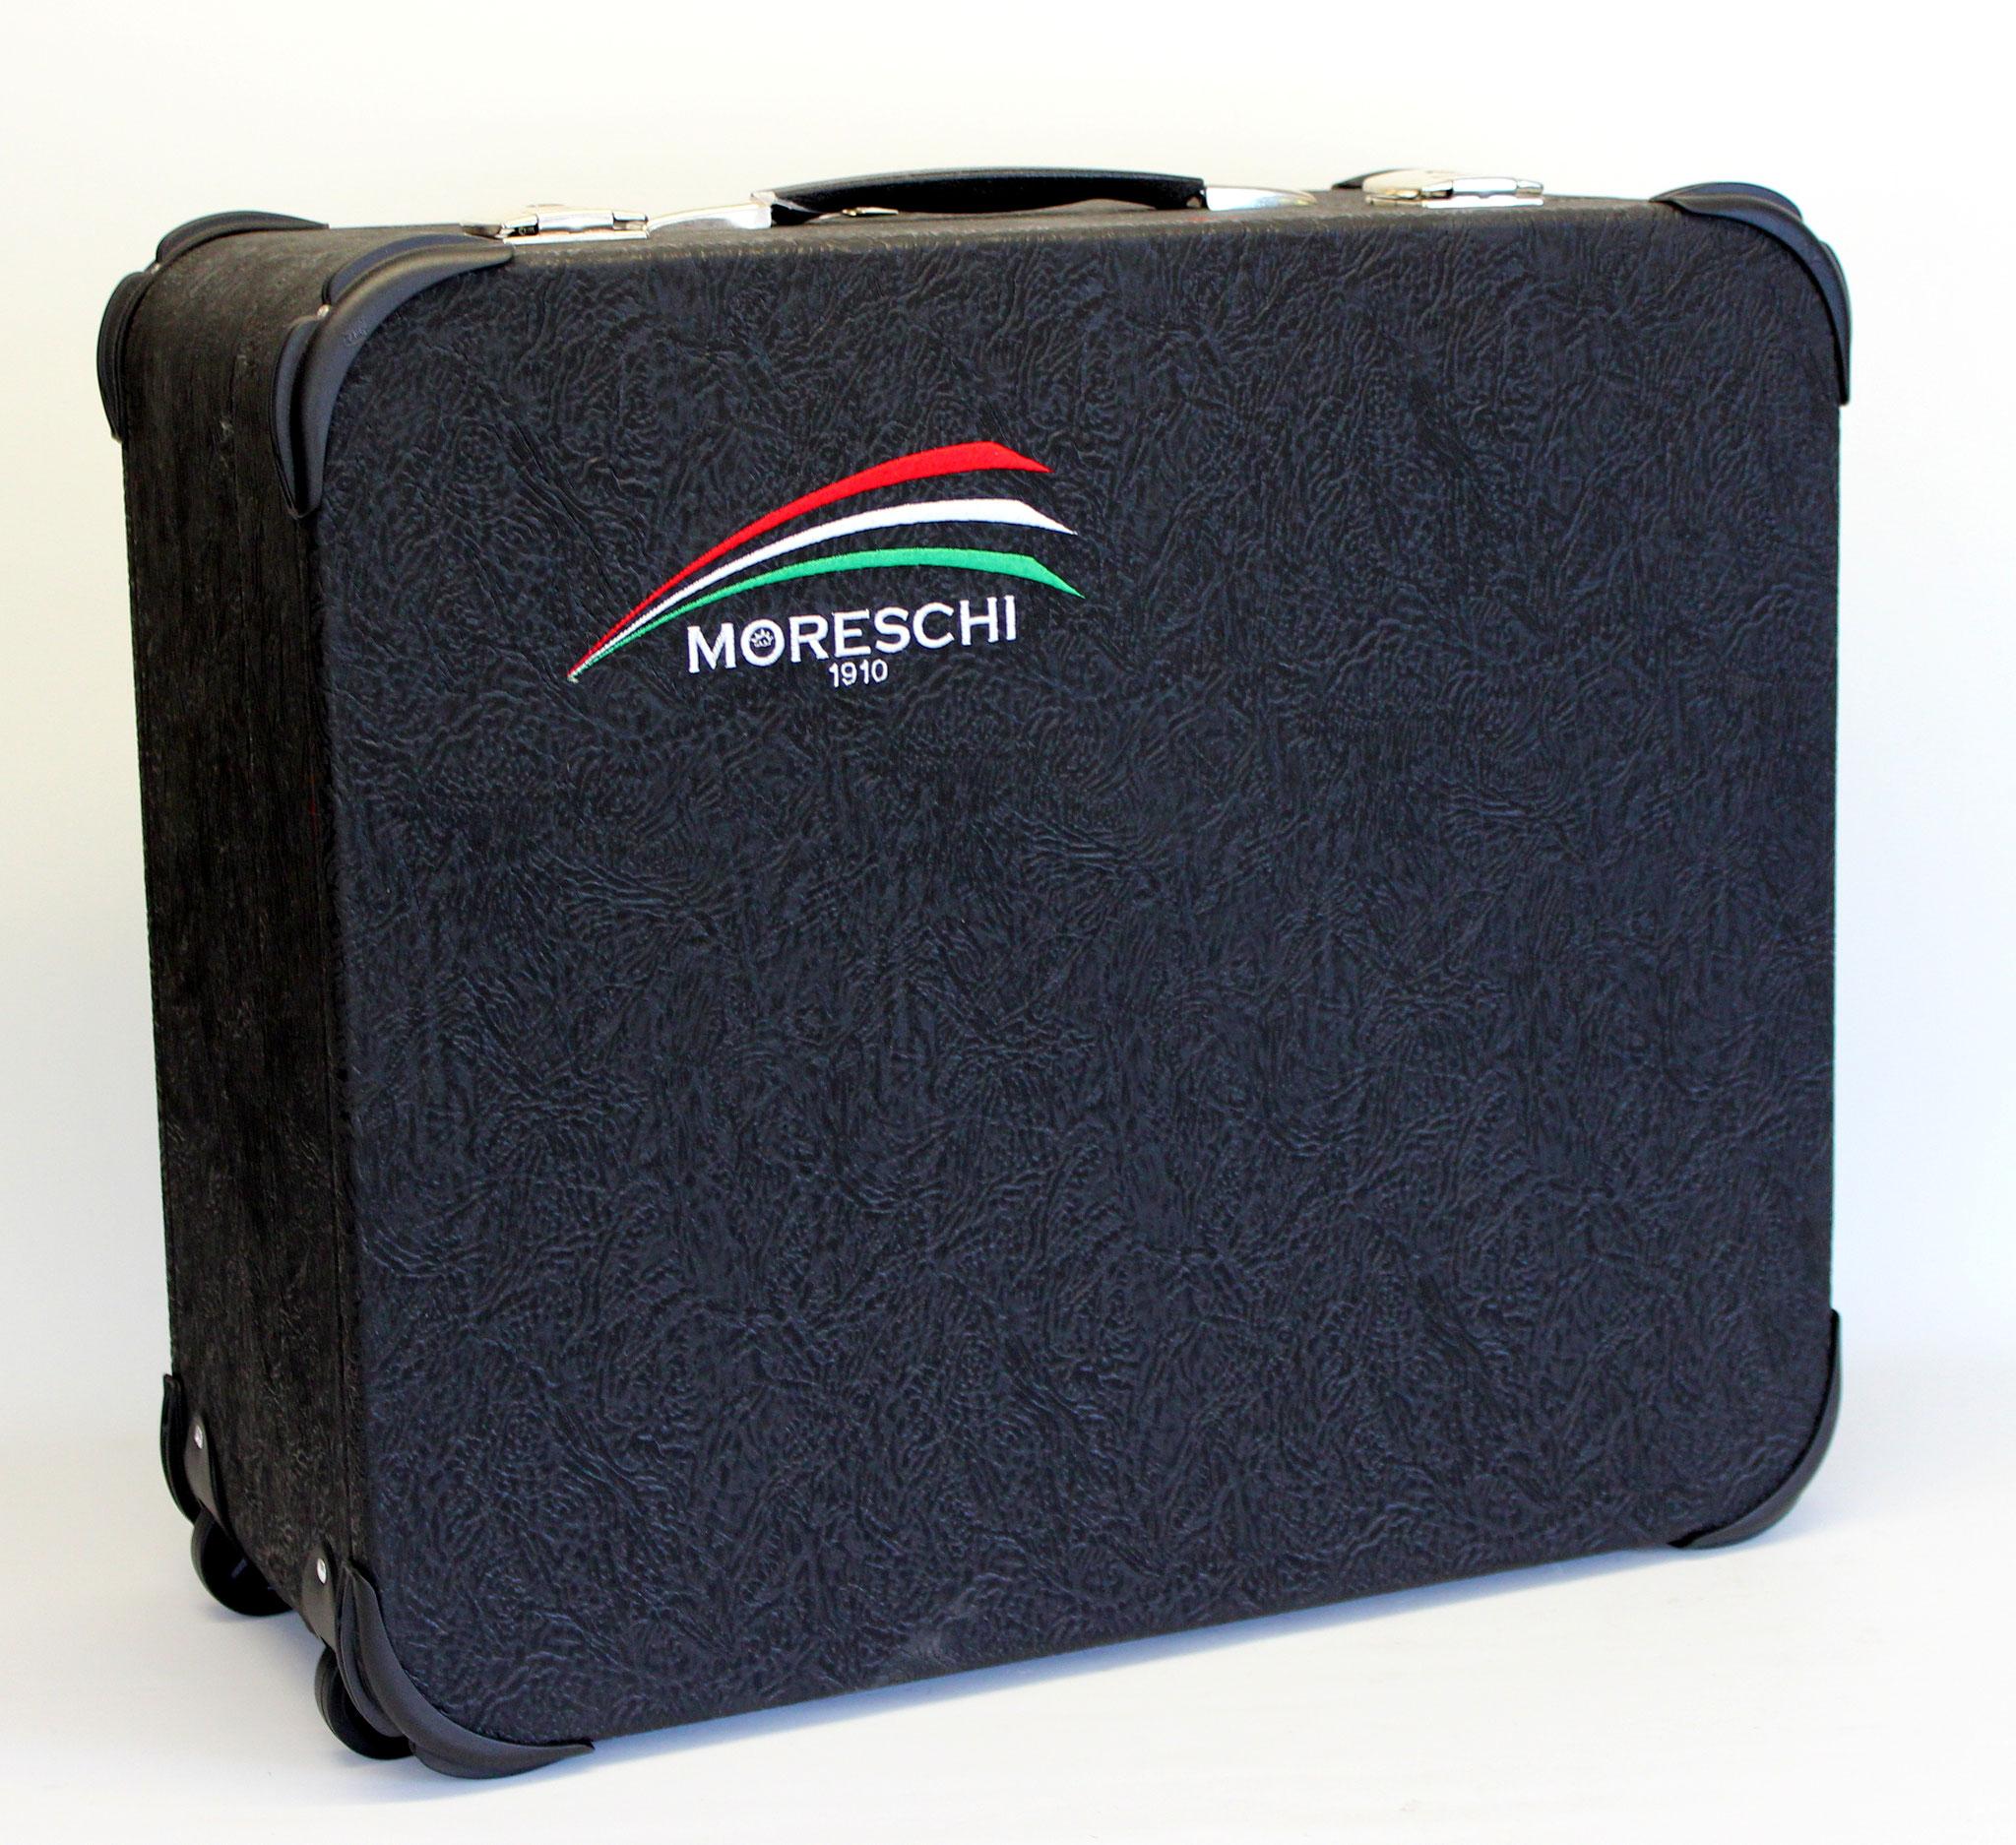 Moreschi Agile 34 IV 72, rotperloid